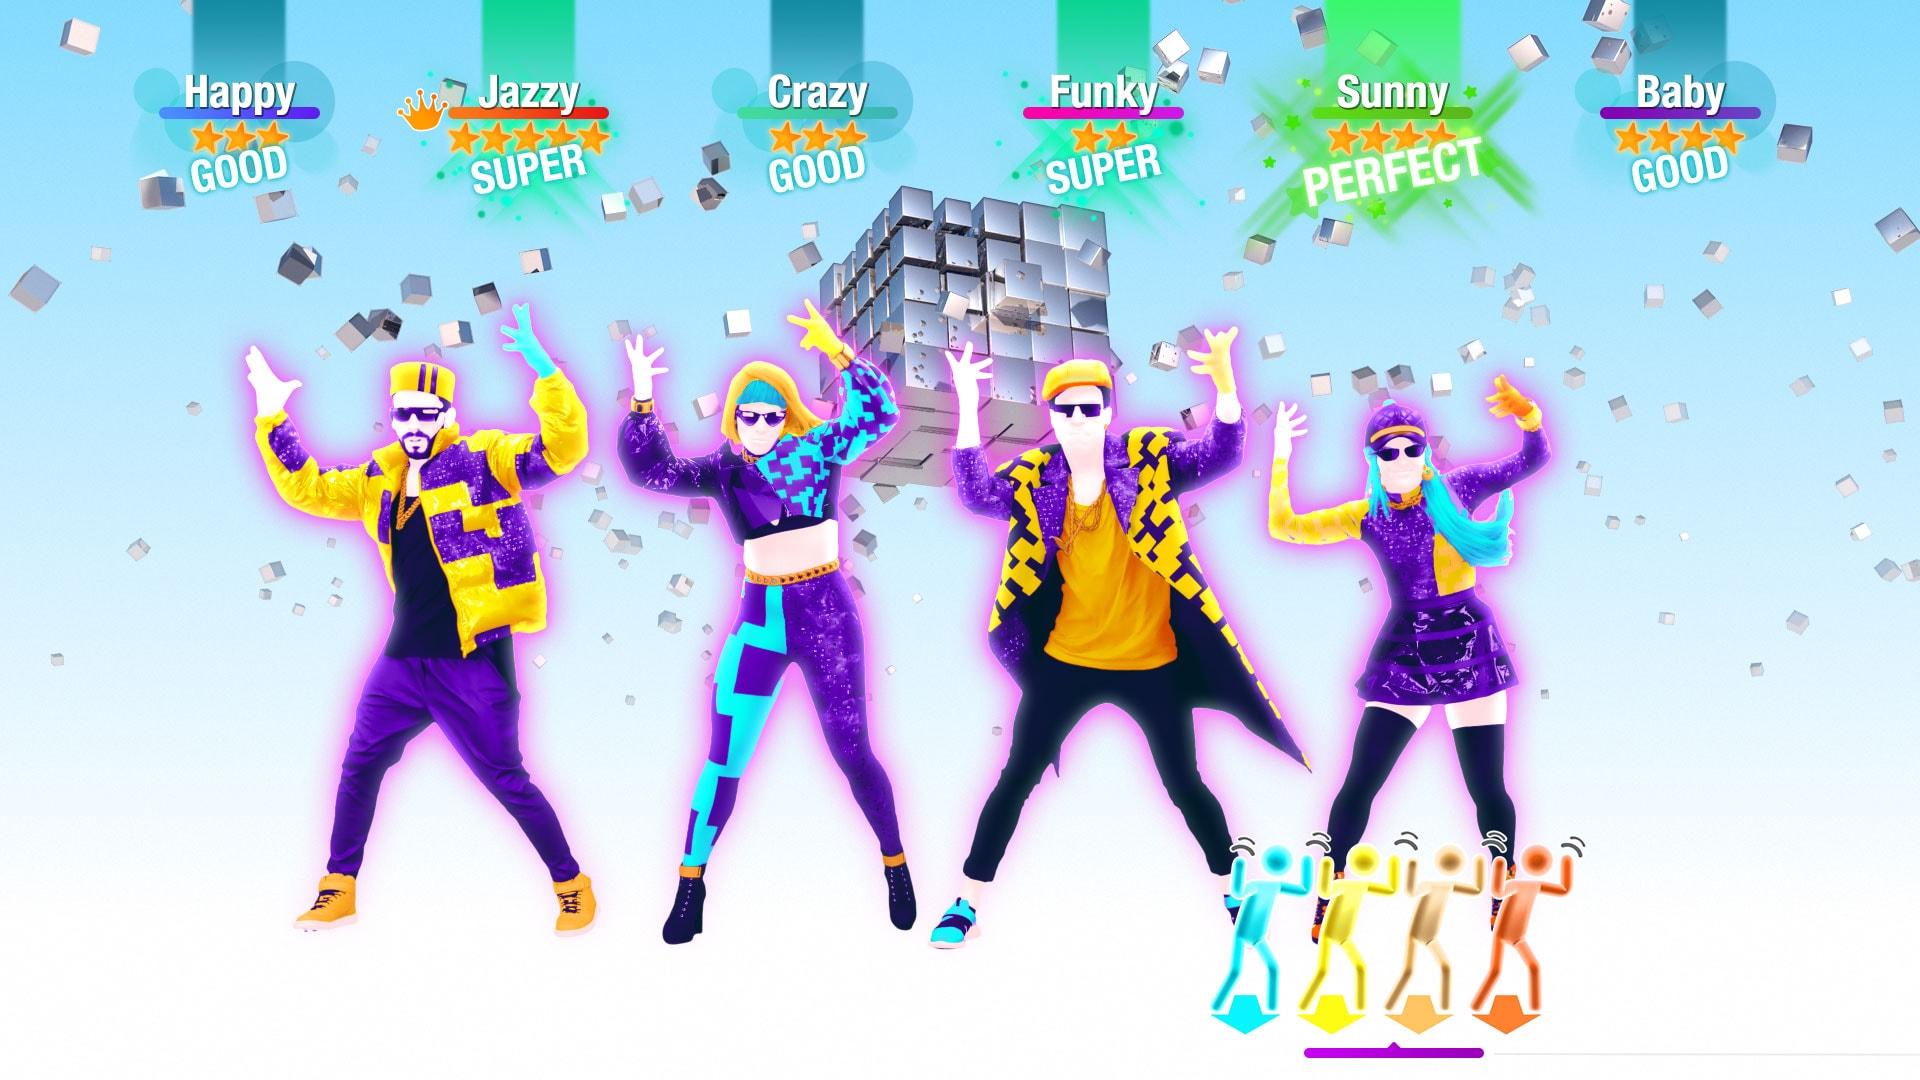 نقد و بررسی بازی Just Dance 2020 9